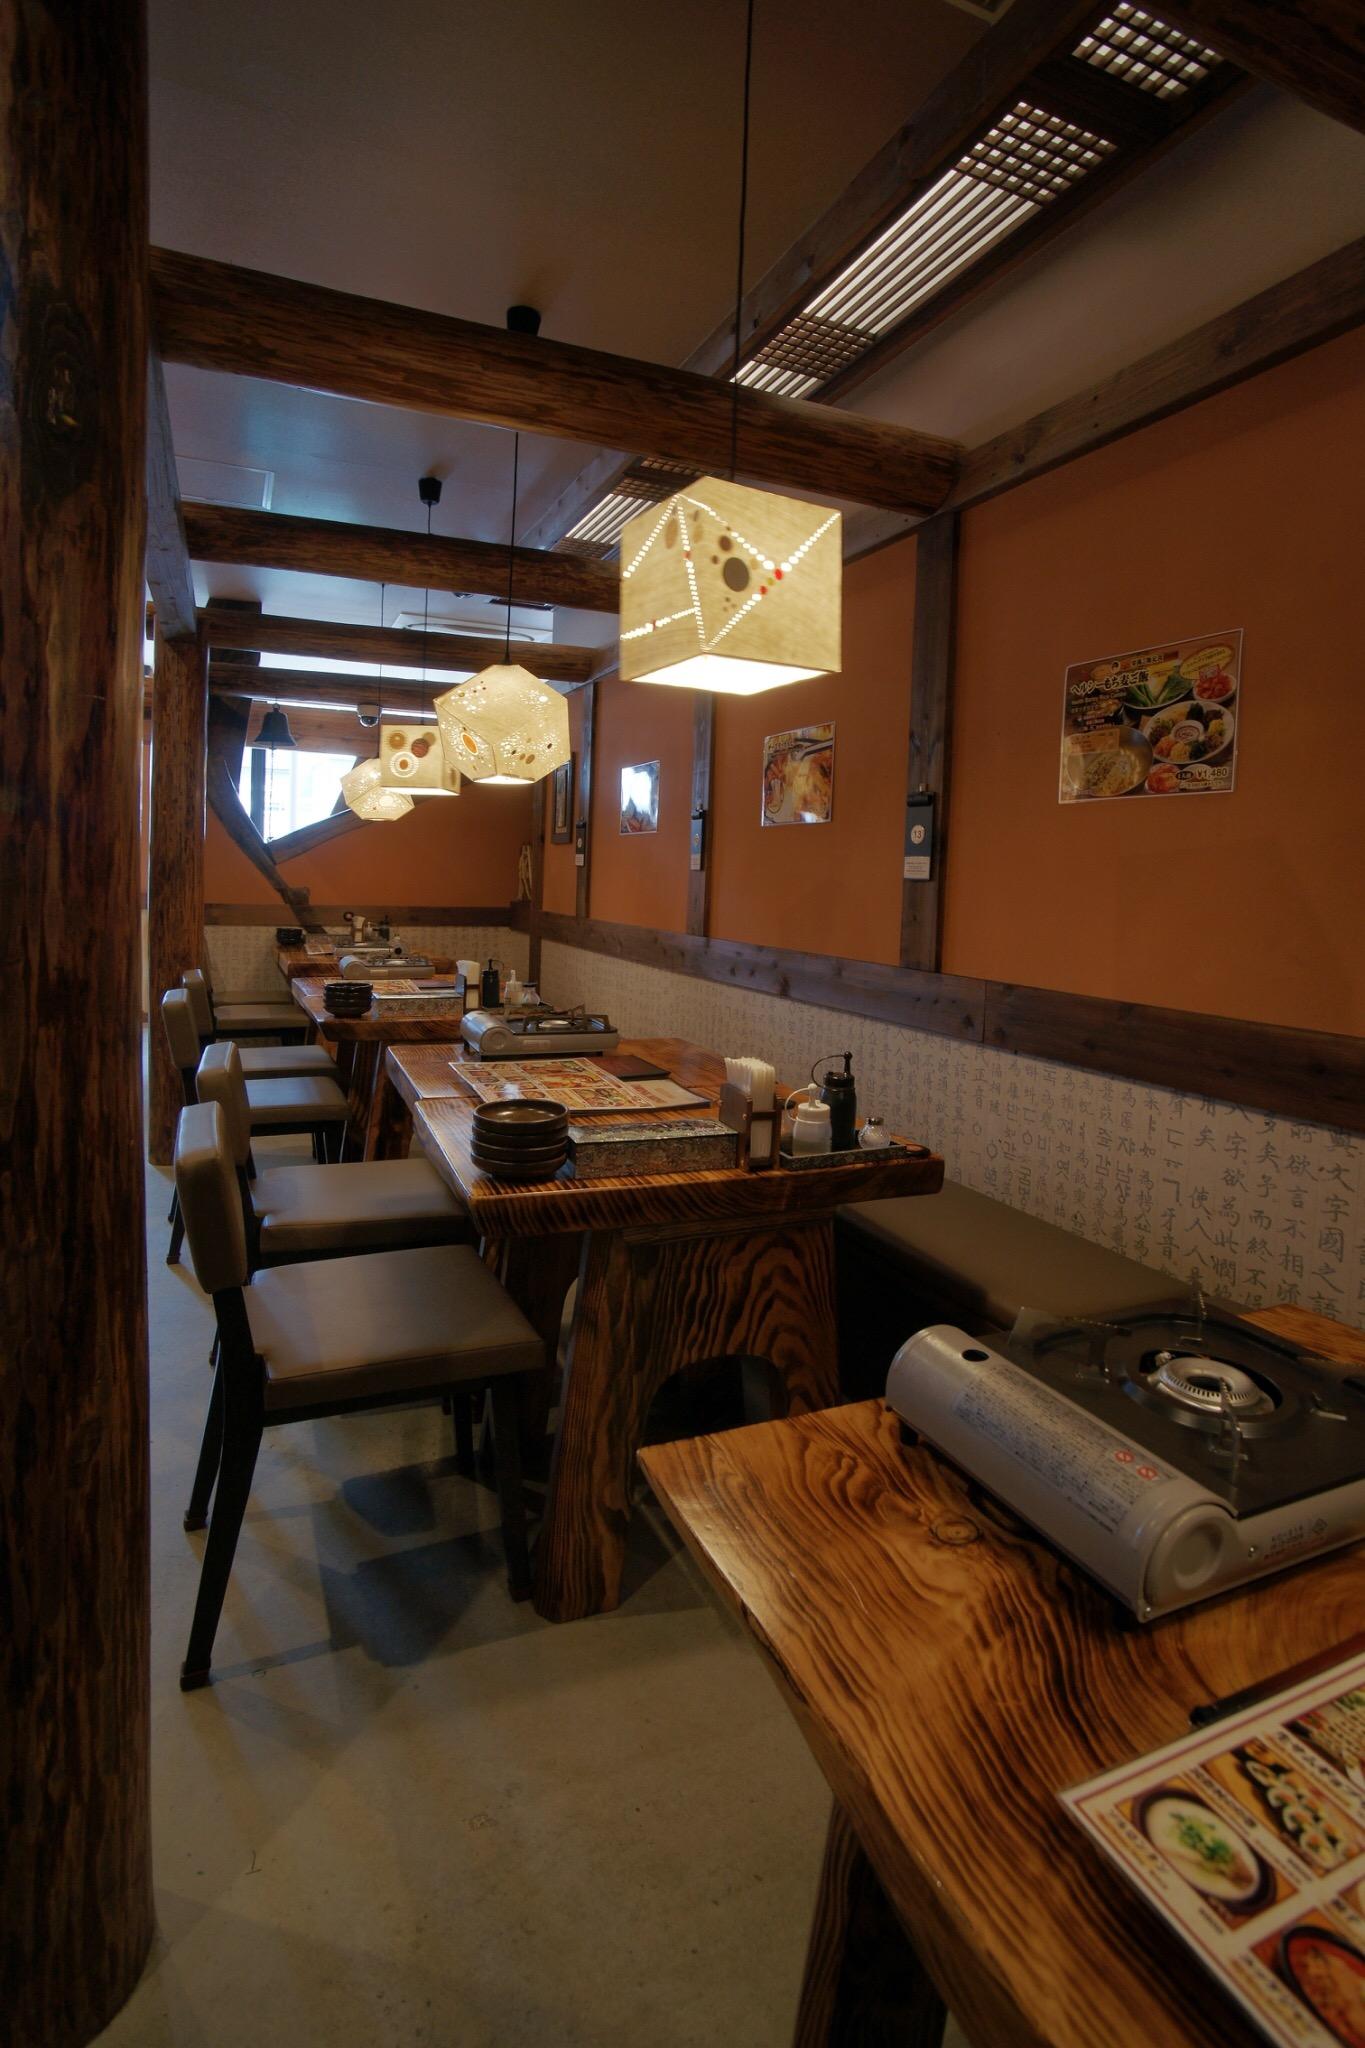 広々としたオシャレな空間で味わう本場韓国料理専門店!